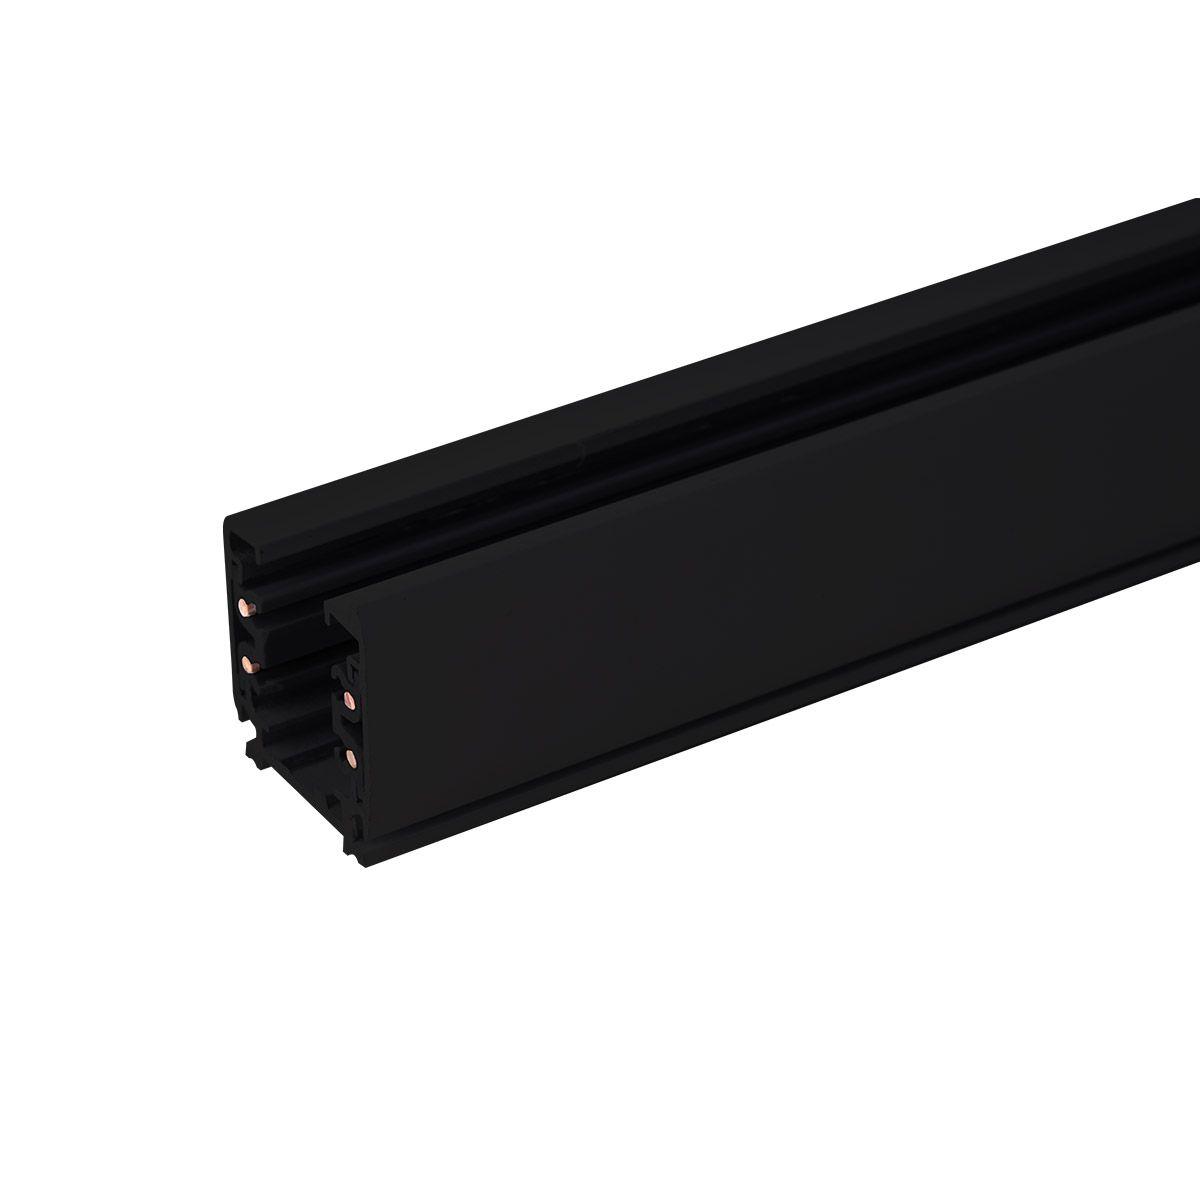 Трехфазный шинопровод 2 метра черный (с вводом питания и заглушкой) TRL-1-3-200-BK 2 метра черный